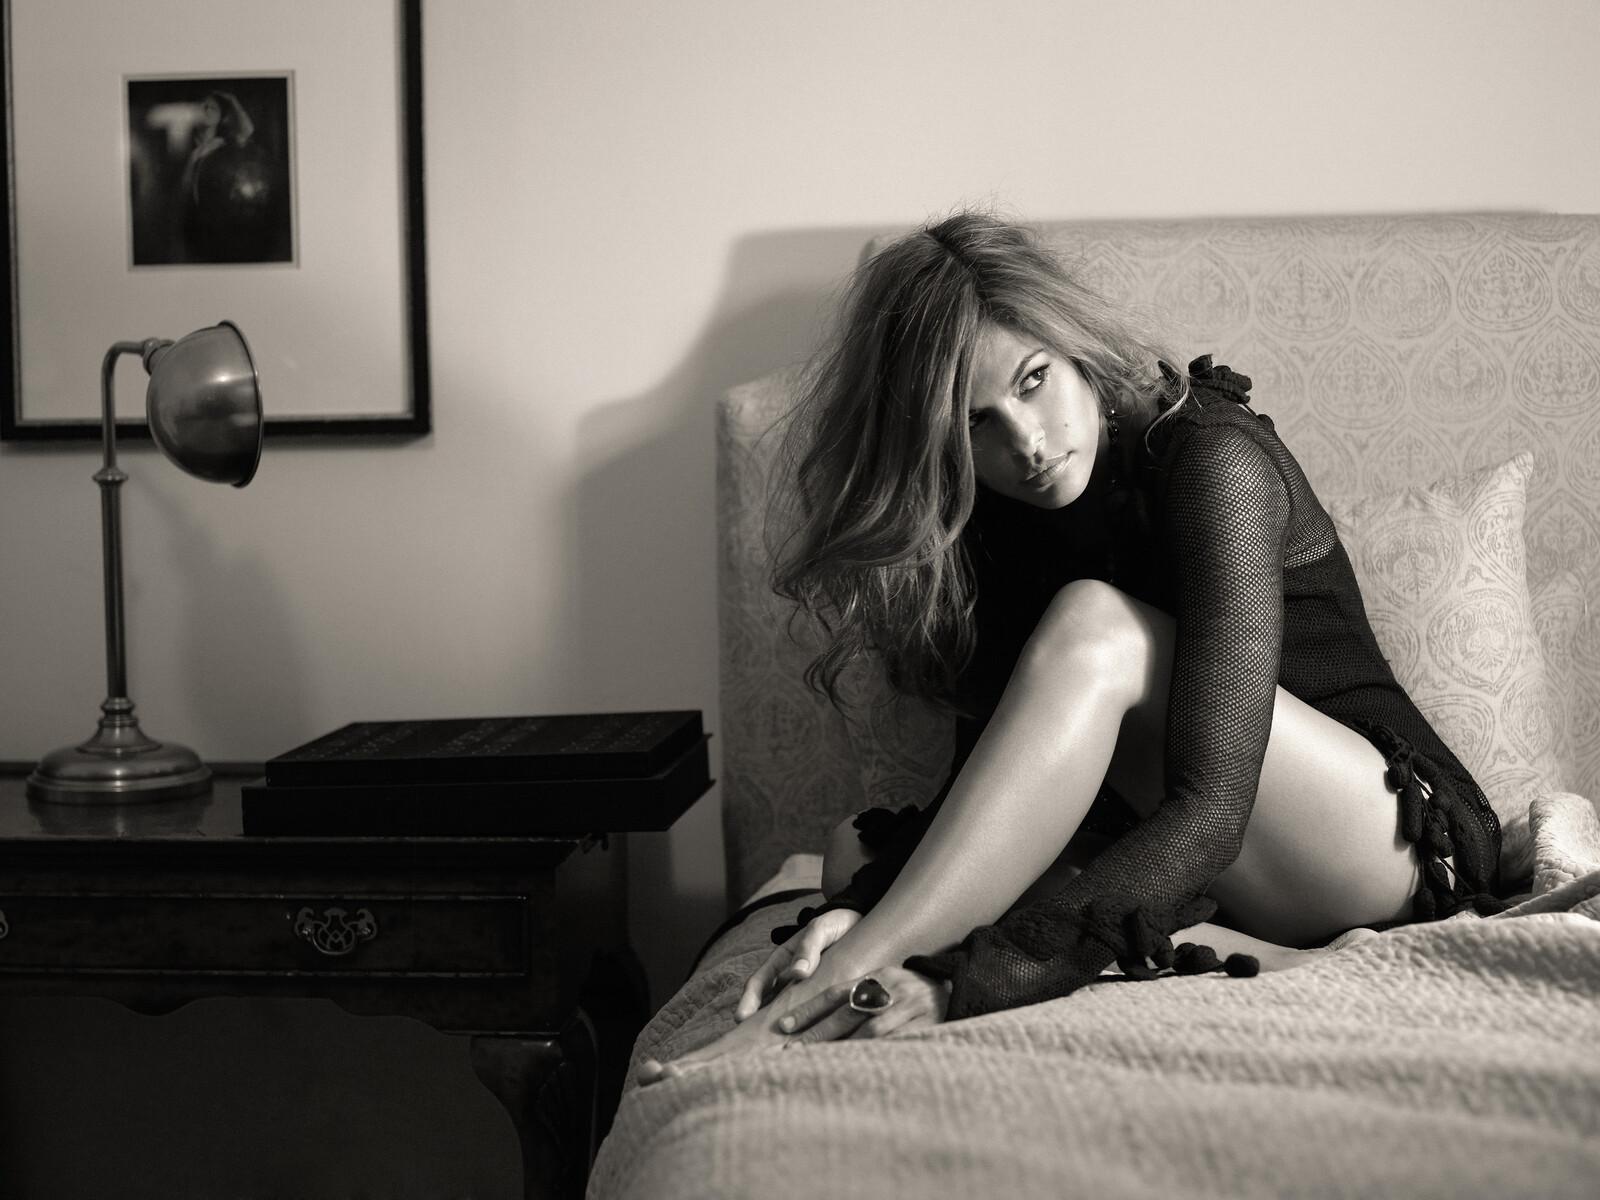 Eva Mendes - Brian Bowen Smith